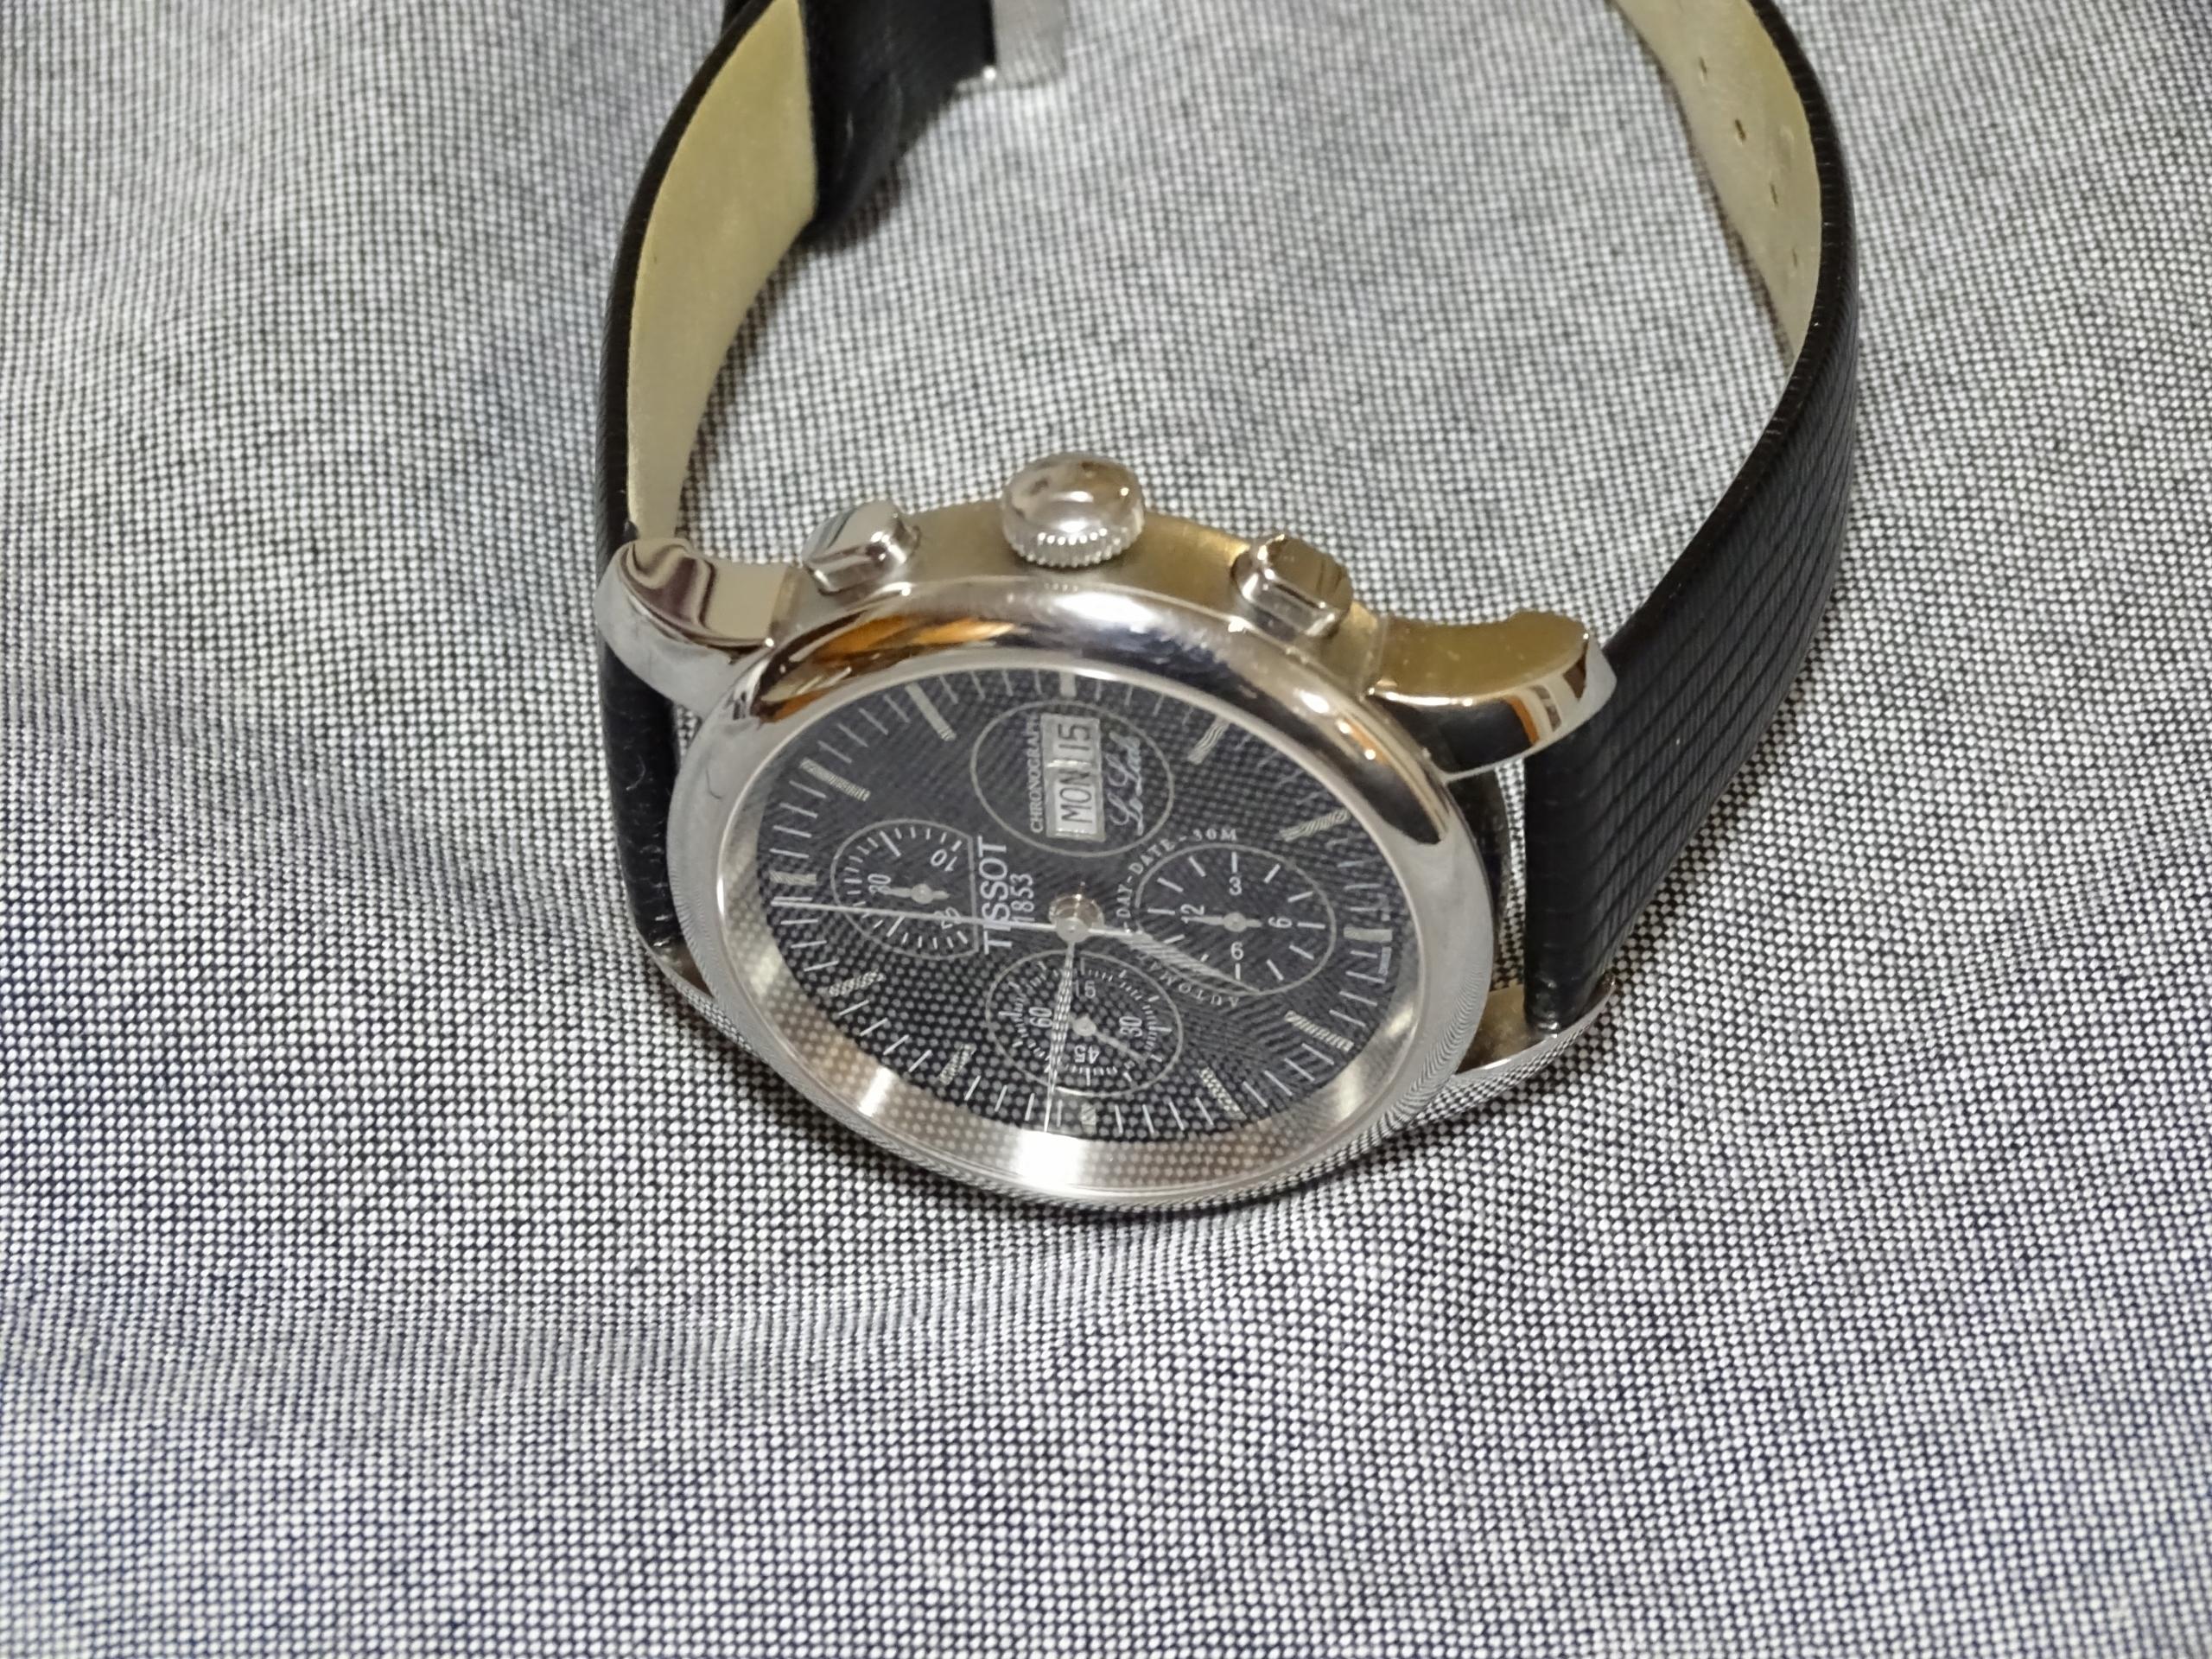 tissot chronograph - valjoux 7750 na gwarancji!!!